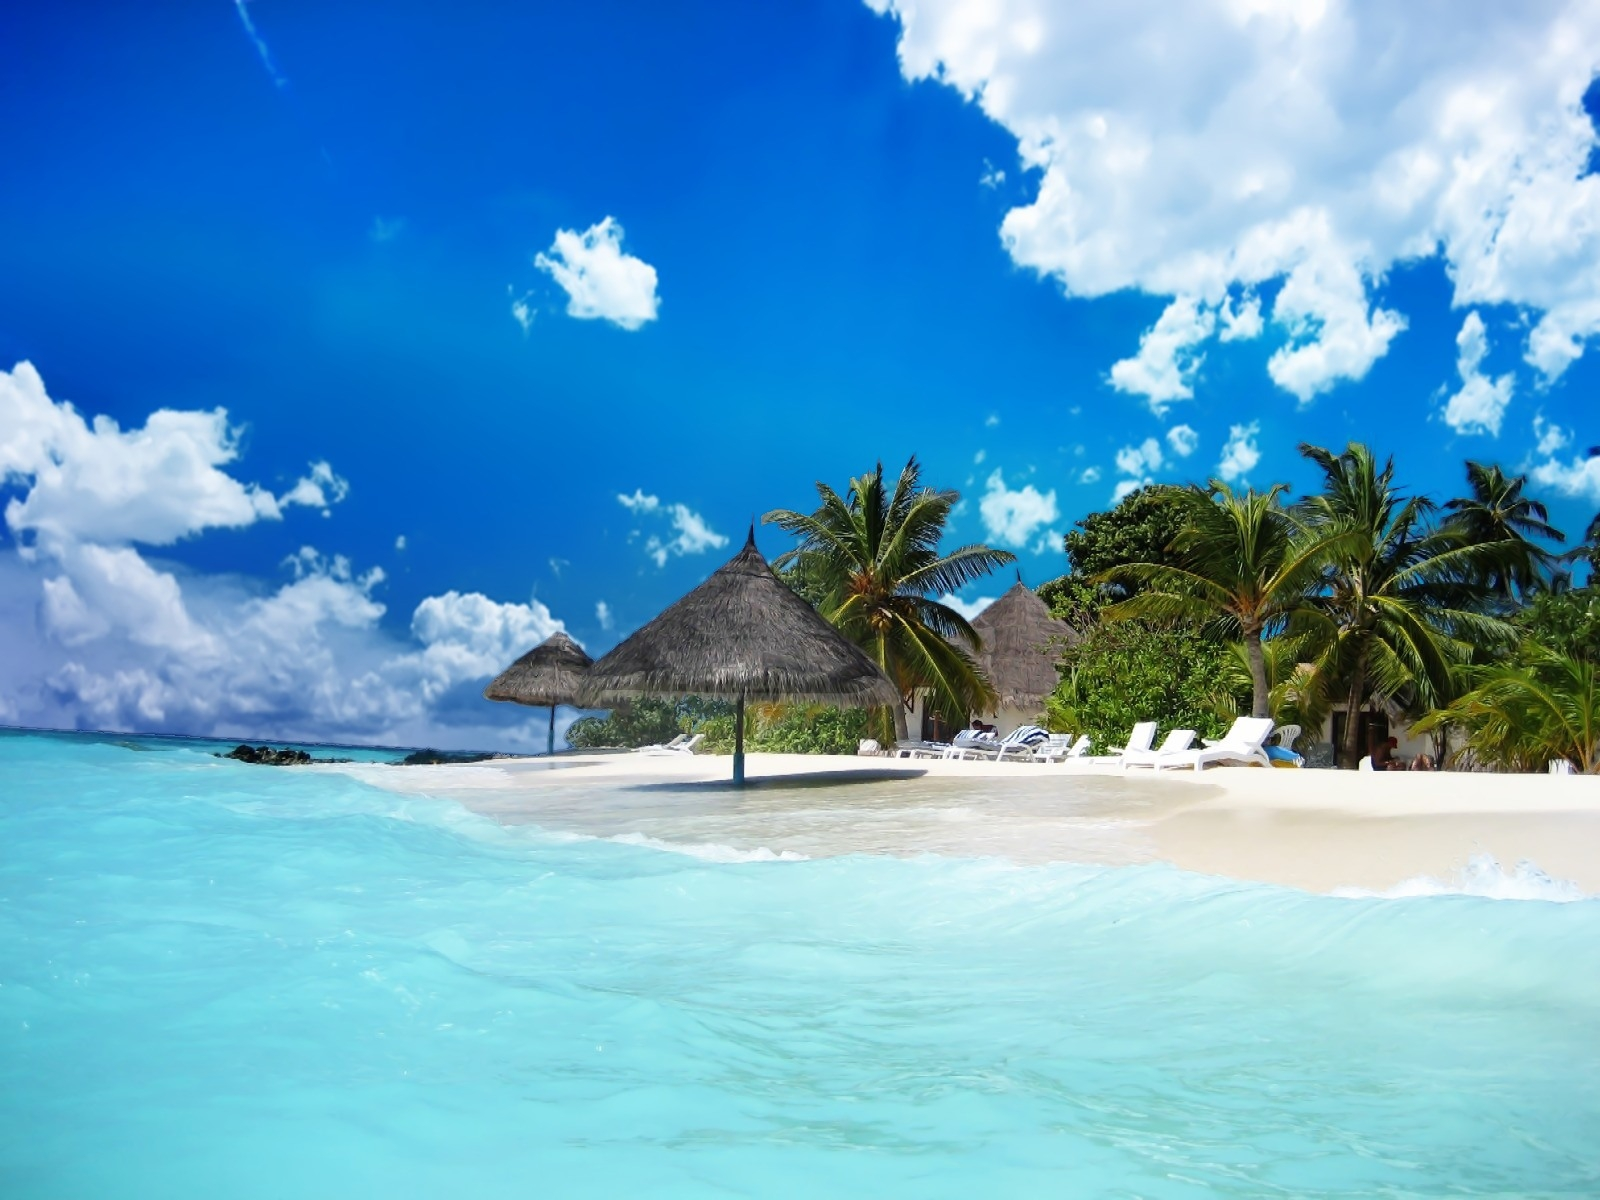 Beach Wallpaper Beach Pictures Backgrounds Beach Desktop 1600x1200